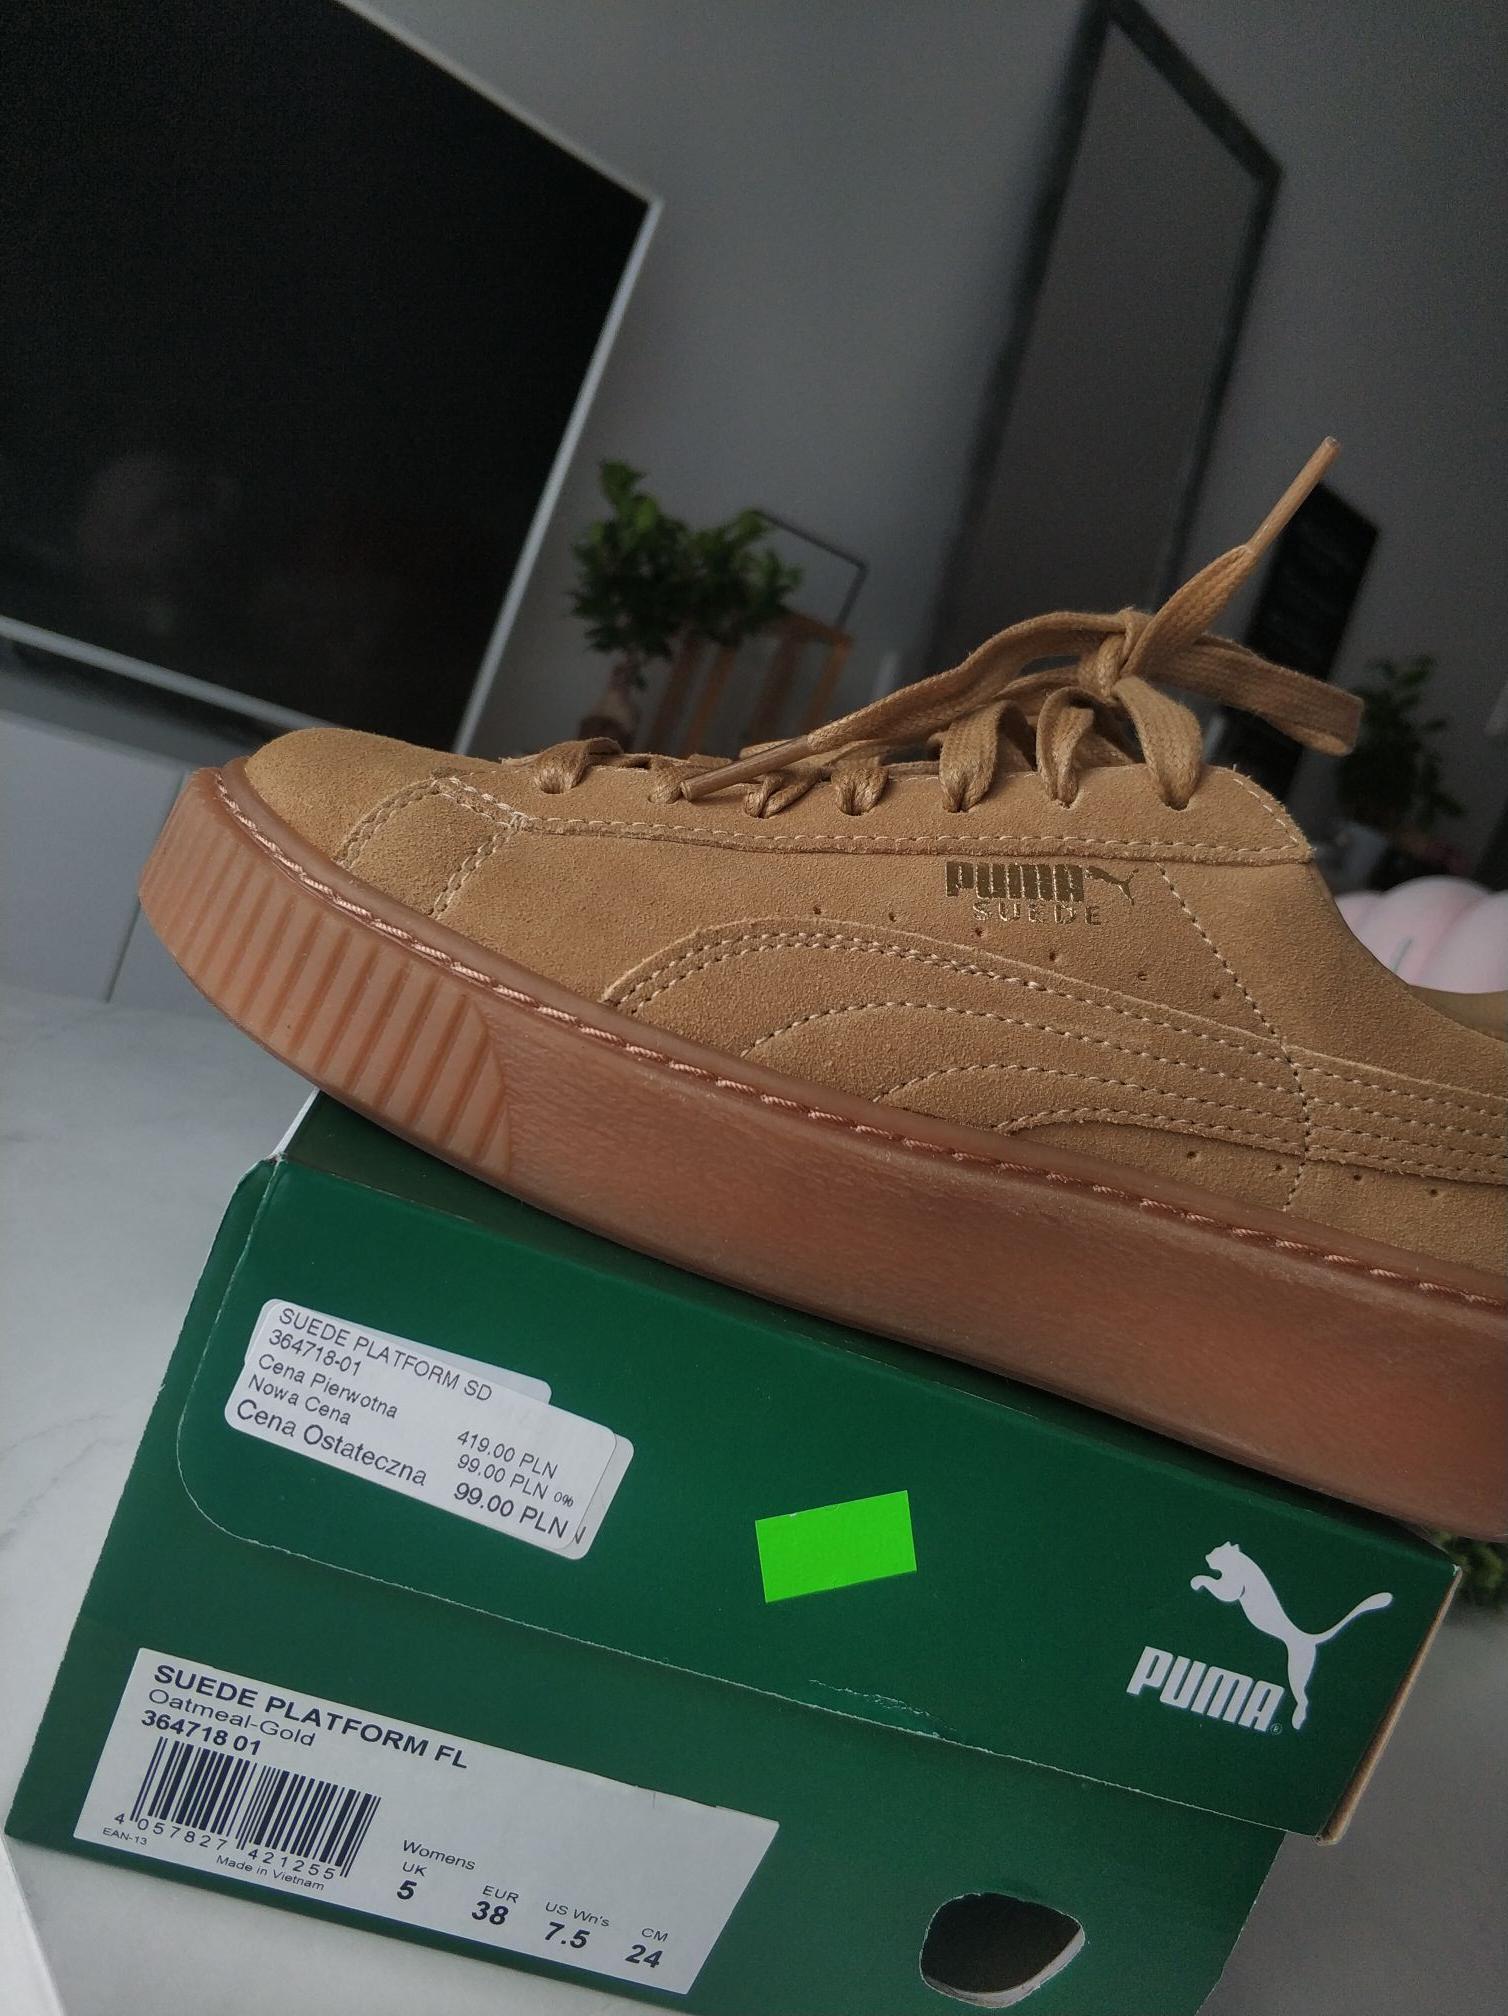 Wyprzedaż butów Puma/Adidas Factory Luboń